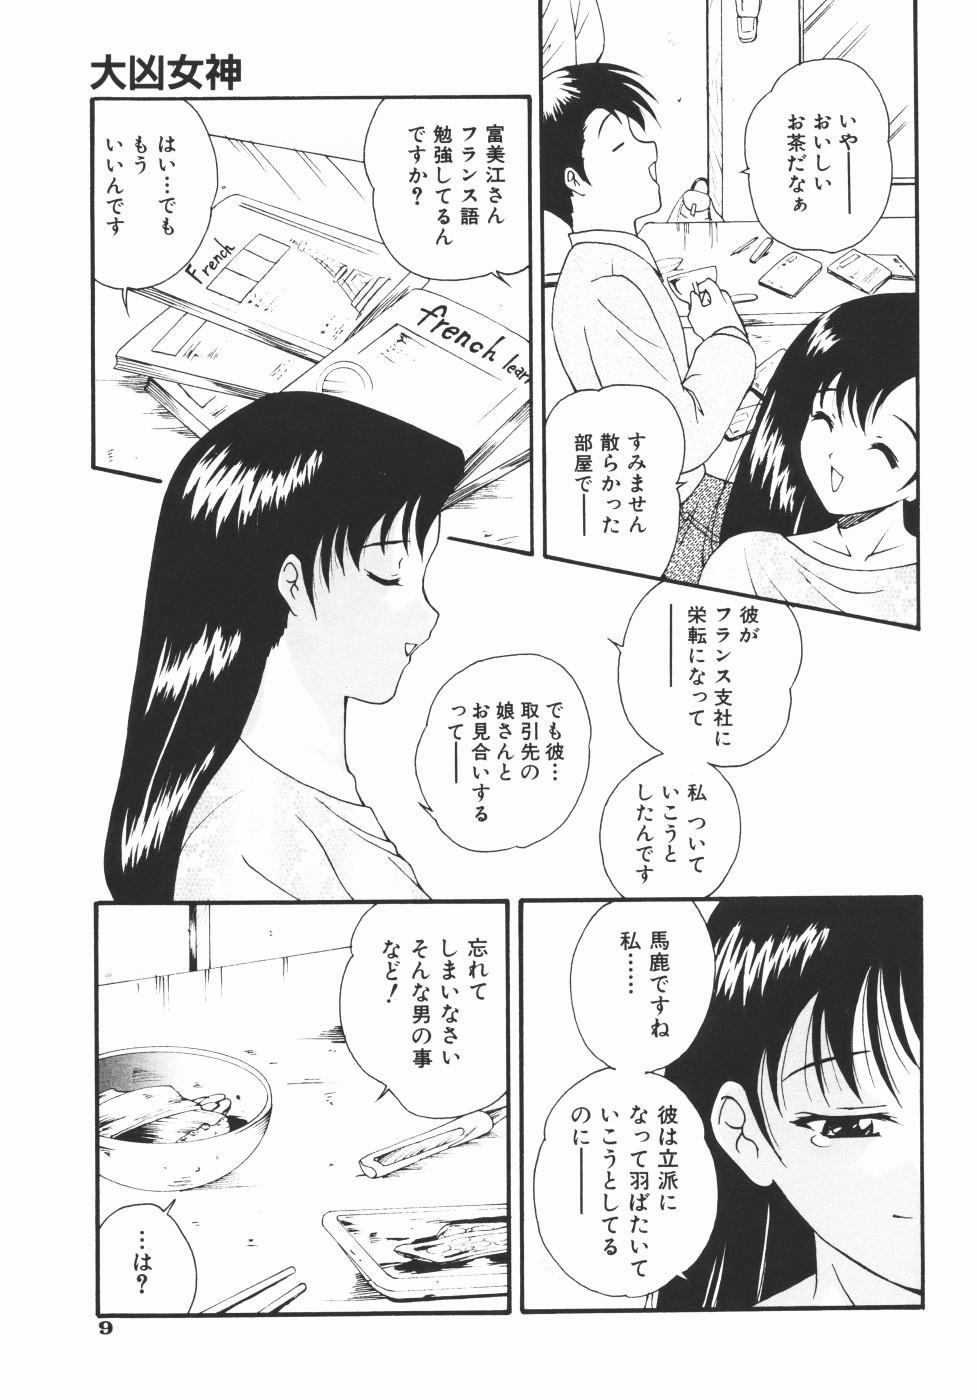 Daikyou Megami 13